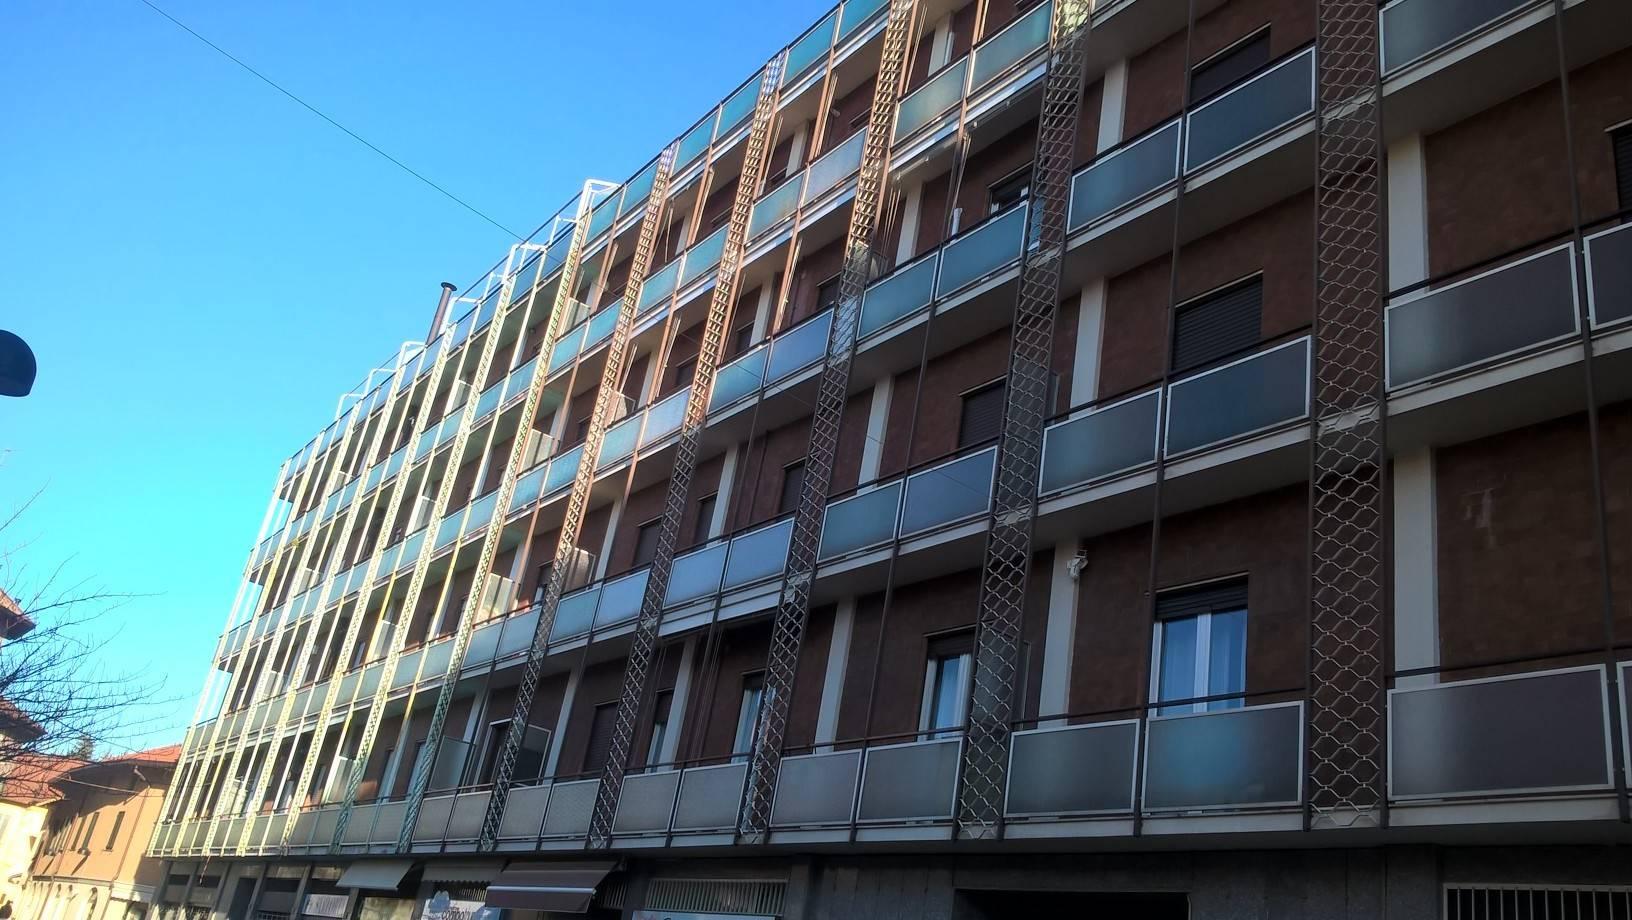 Negozio / Locale in vendita a Saronno, 1 locali, zona ro, prezzo € 95.000   PortaleAgenzieImmobiliari.it